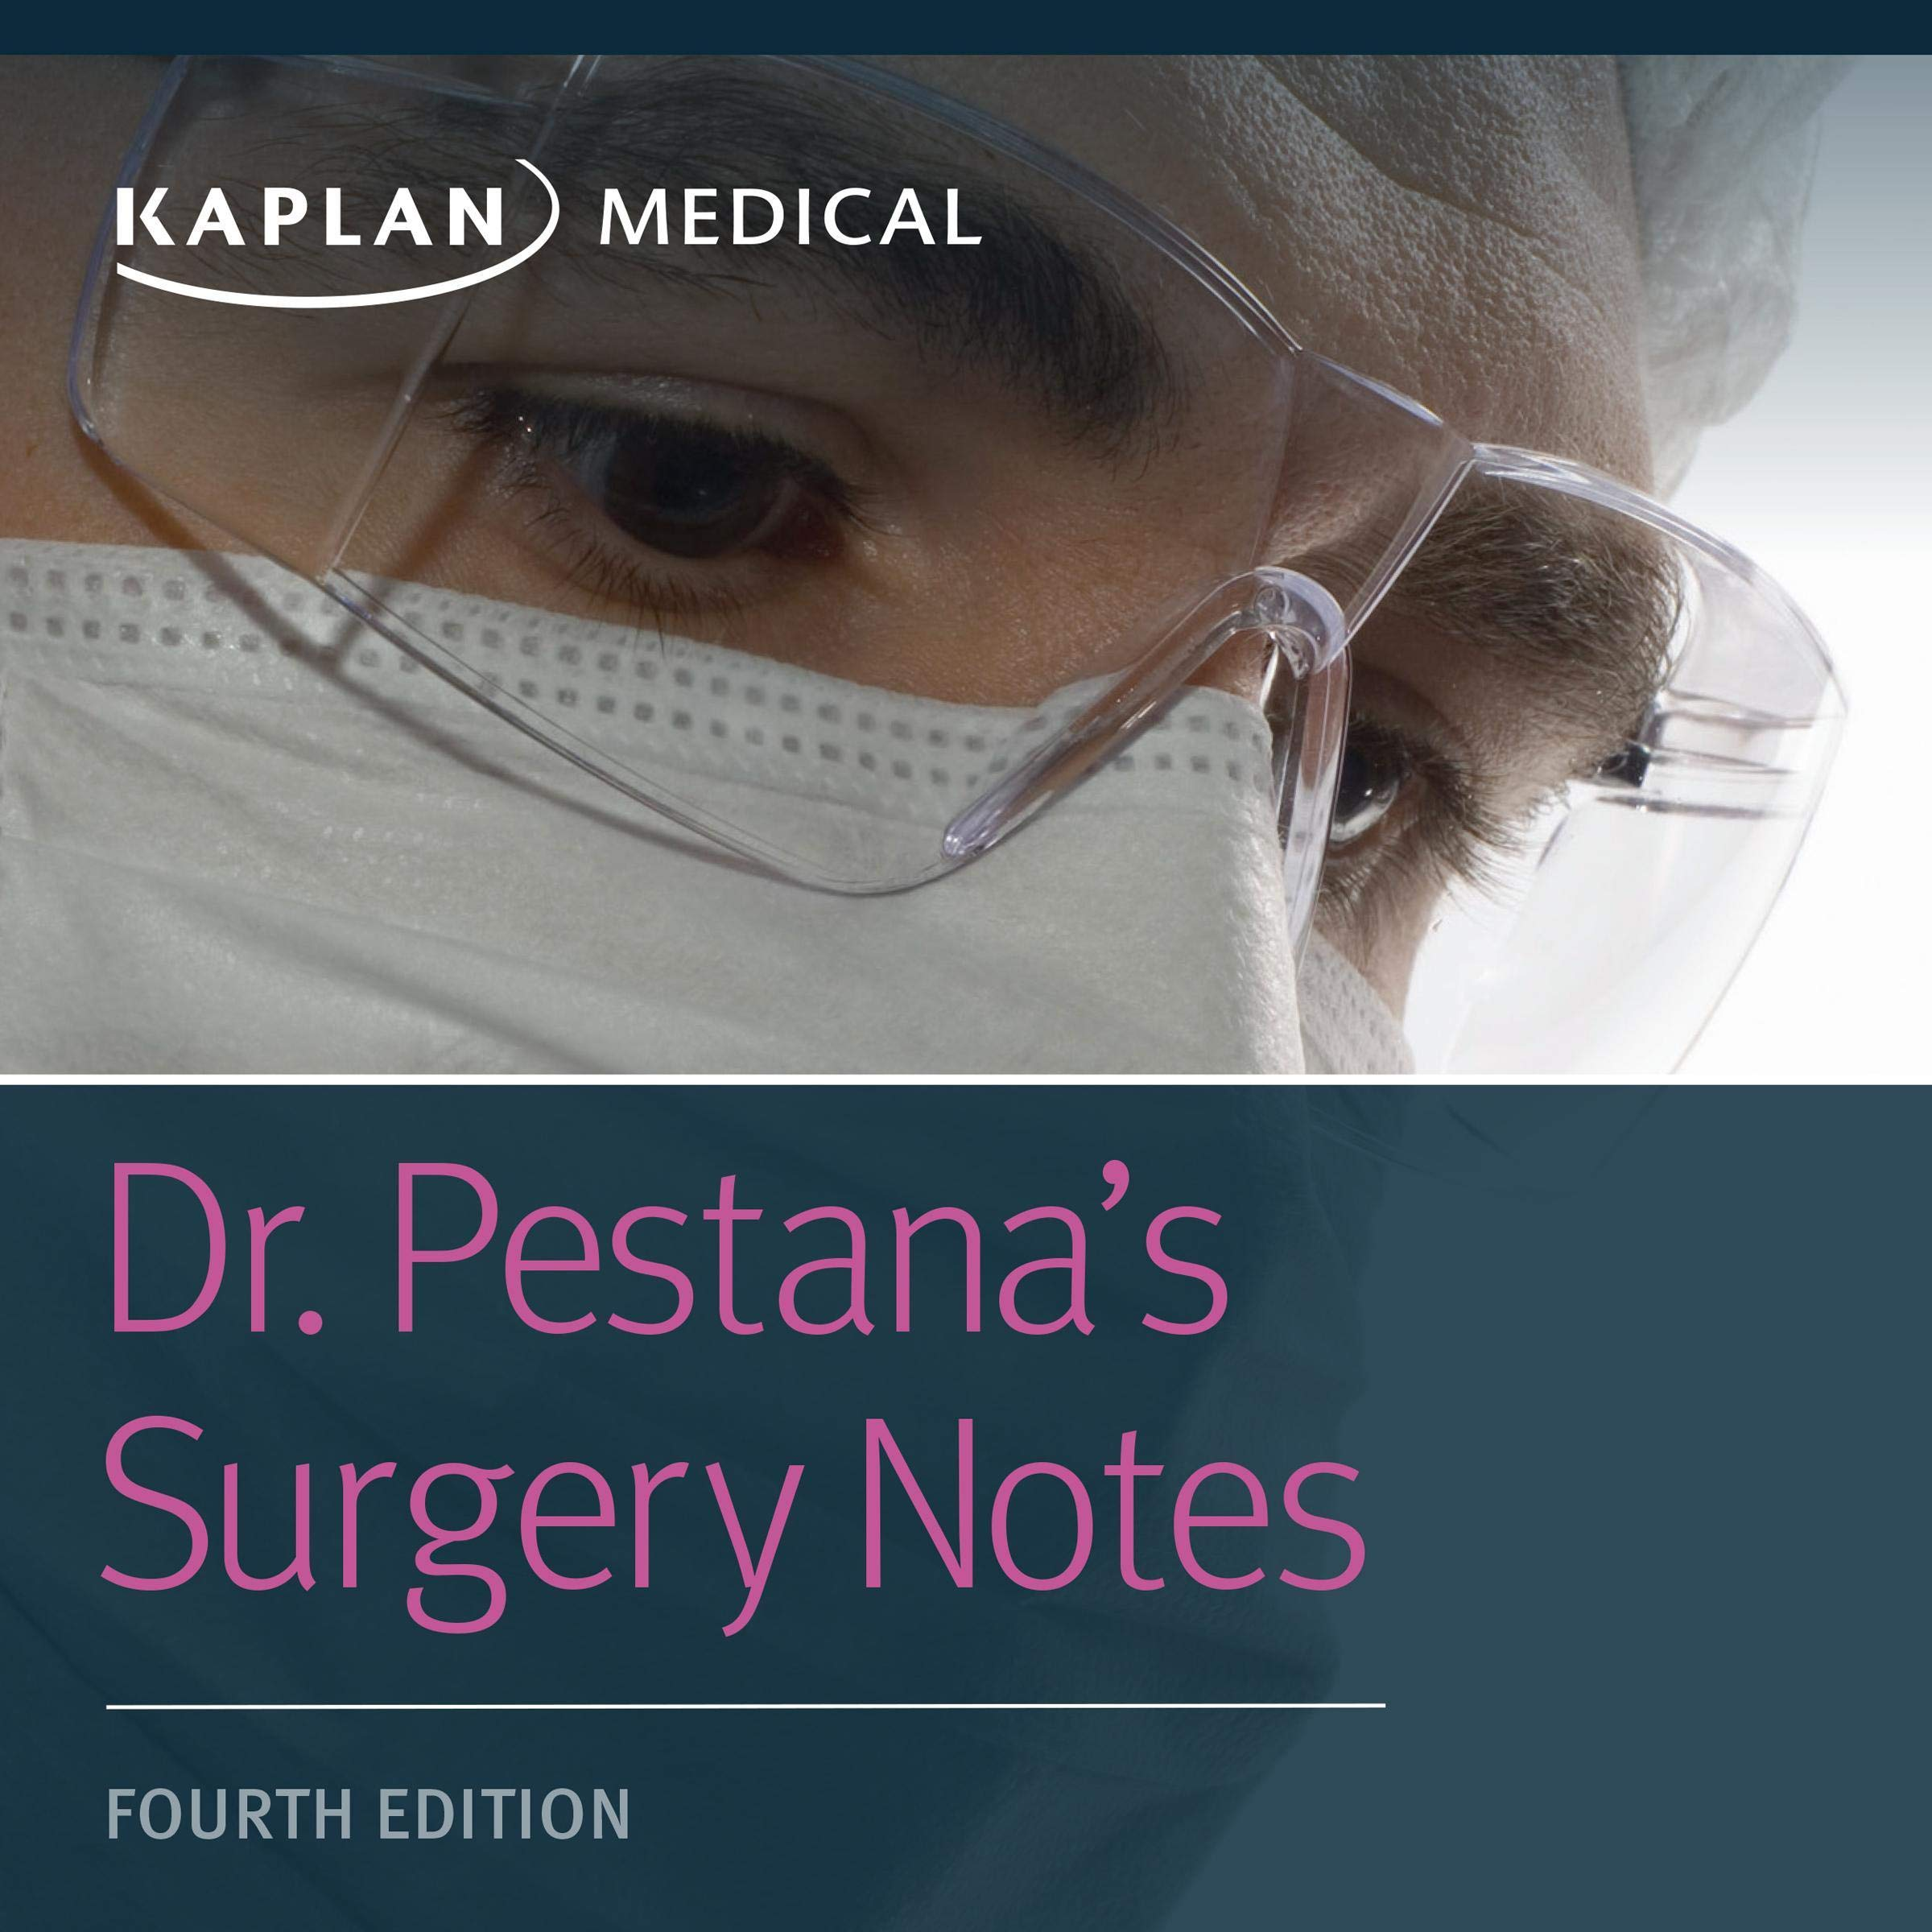 Dr. Pestana's Surgery Notes: Top 180 Vignettes